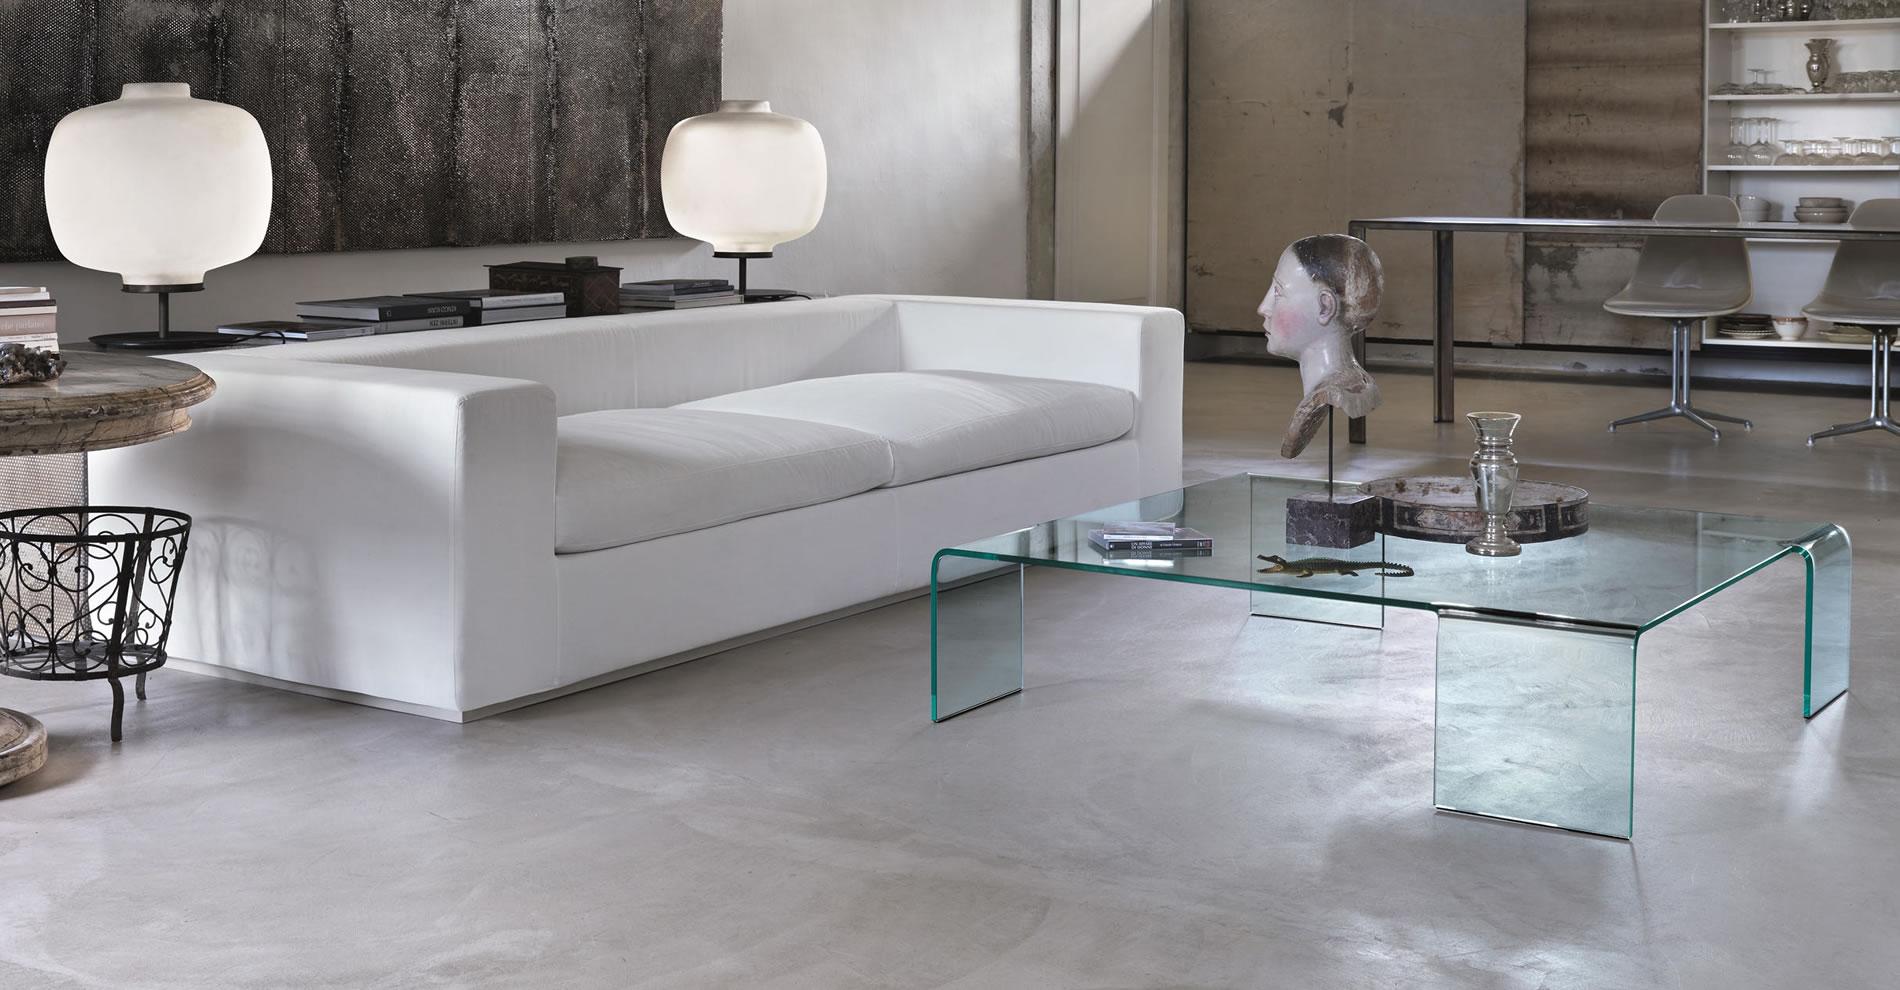 neutra fiam italia neutra fiam italia fiam italia. Black Bedroom Furniture Sets. Home Design Ideas